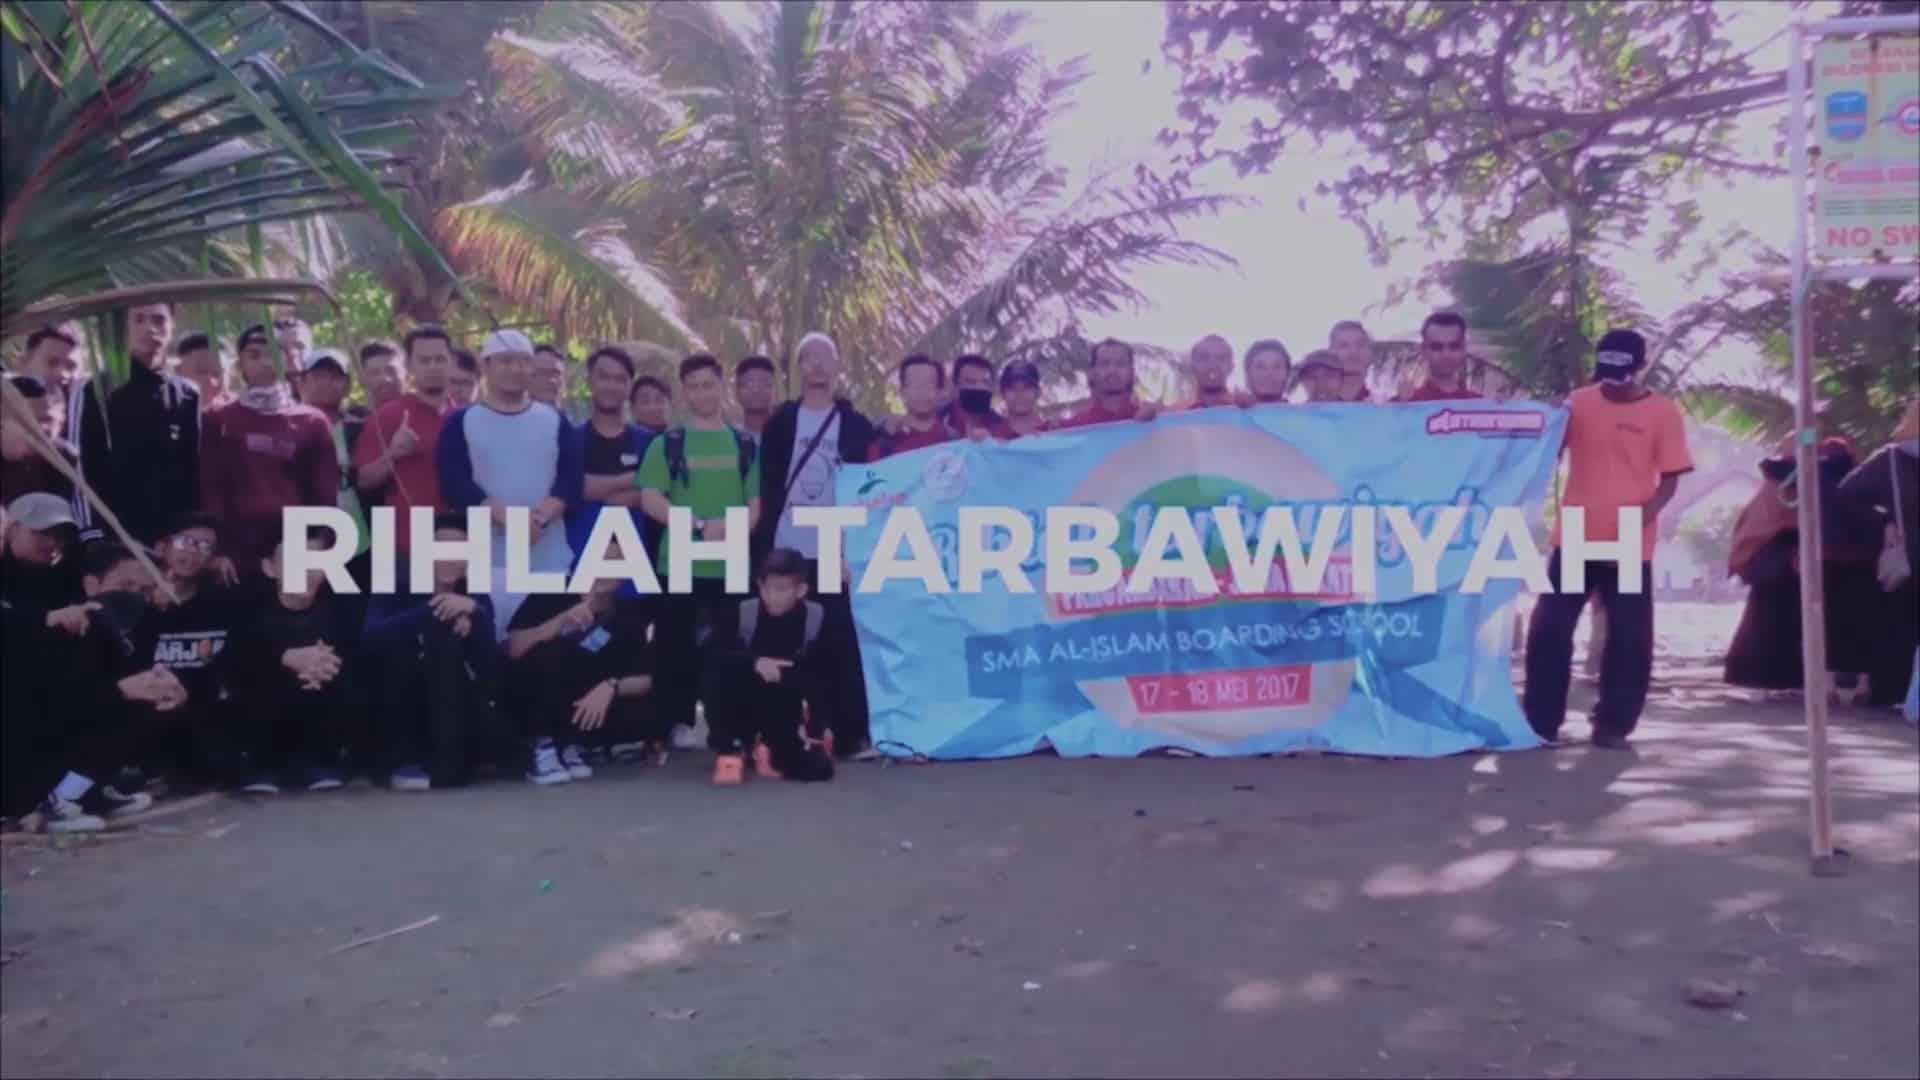 06. RIHLAH TARBAWIYAH